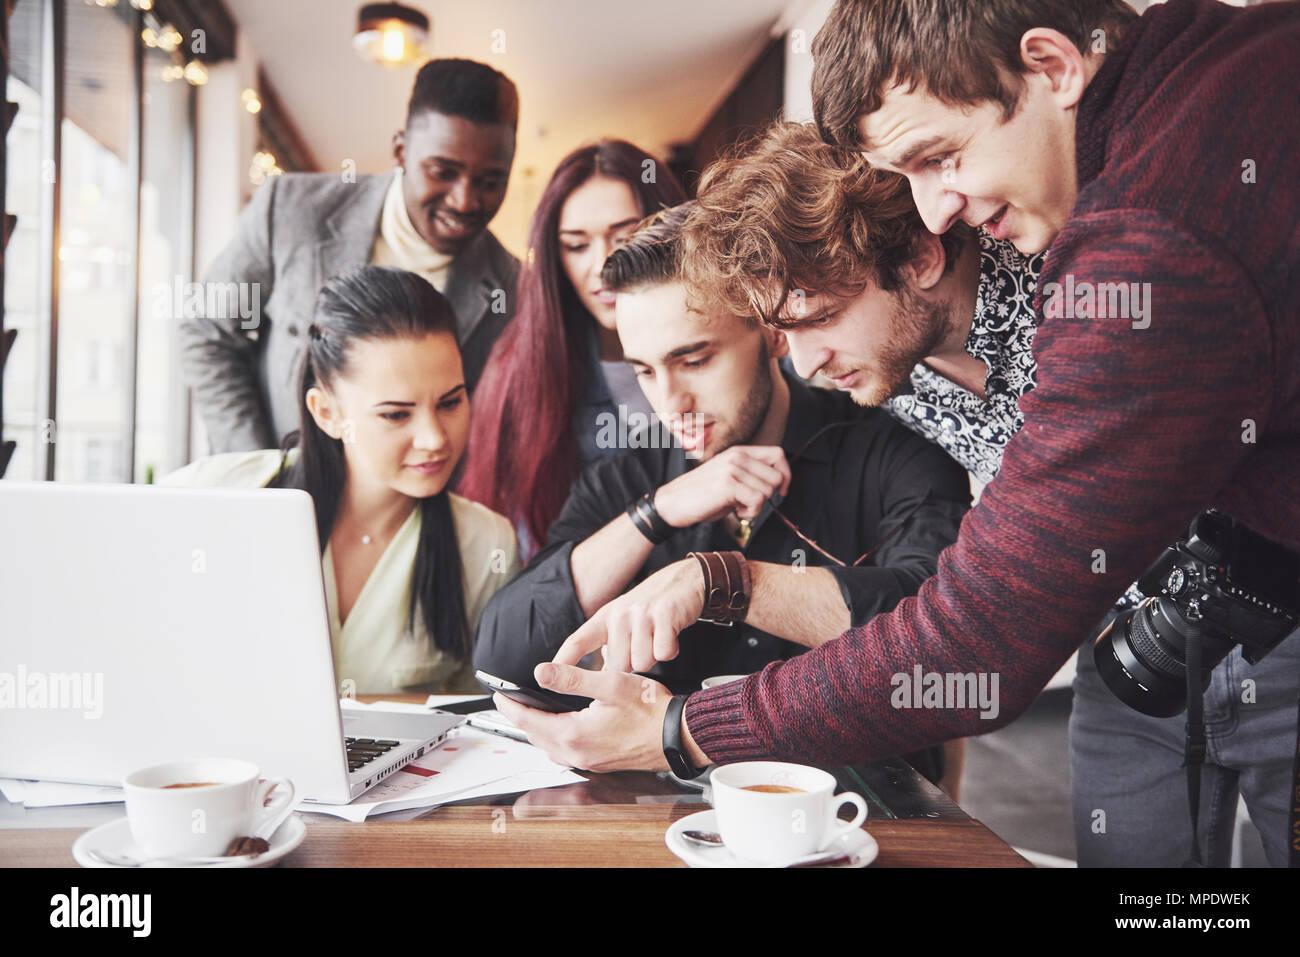 Gruppenbild von fröhlichen alten Freunden kommunizieren miteinander, Freundin posiert auf Café, Urban-Style-Leute, die Spaß, Konzepte über Jugend Zweisamkeit Lebensstil. WLAN verbunden Stockbild